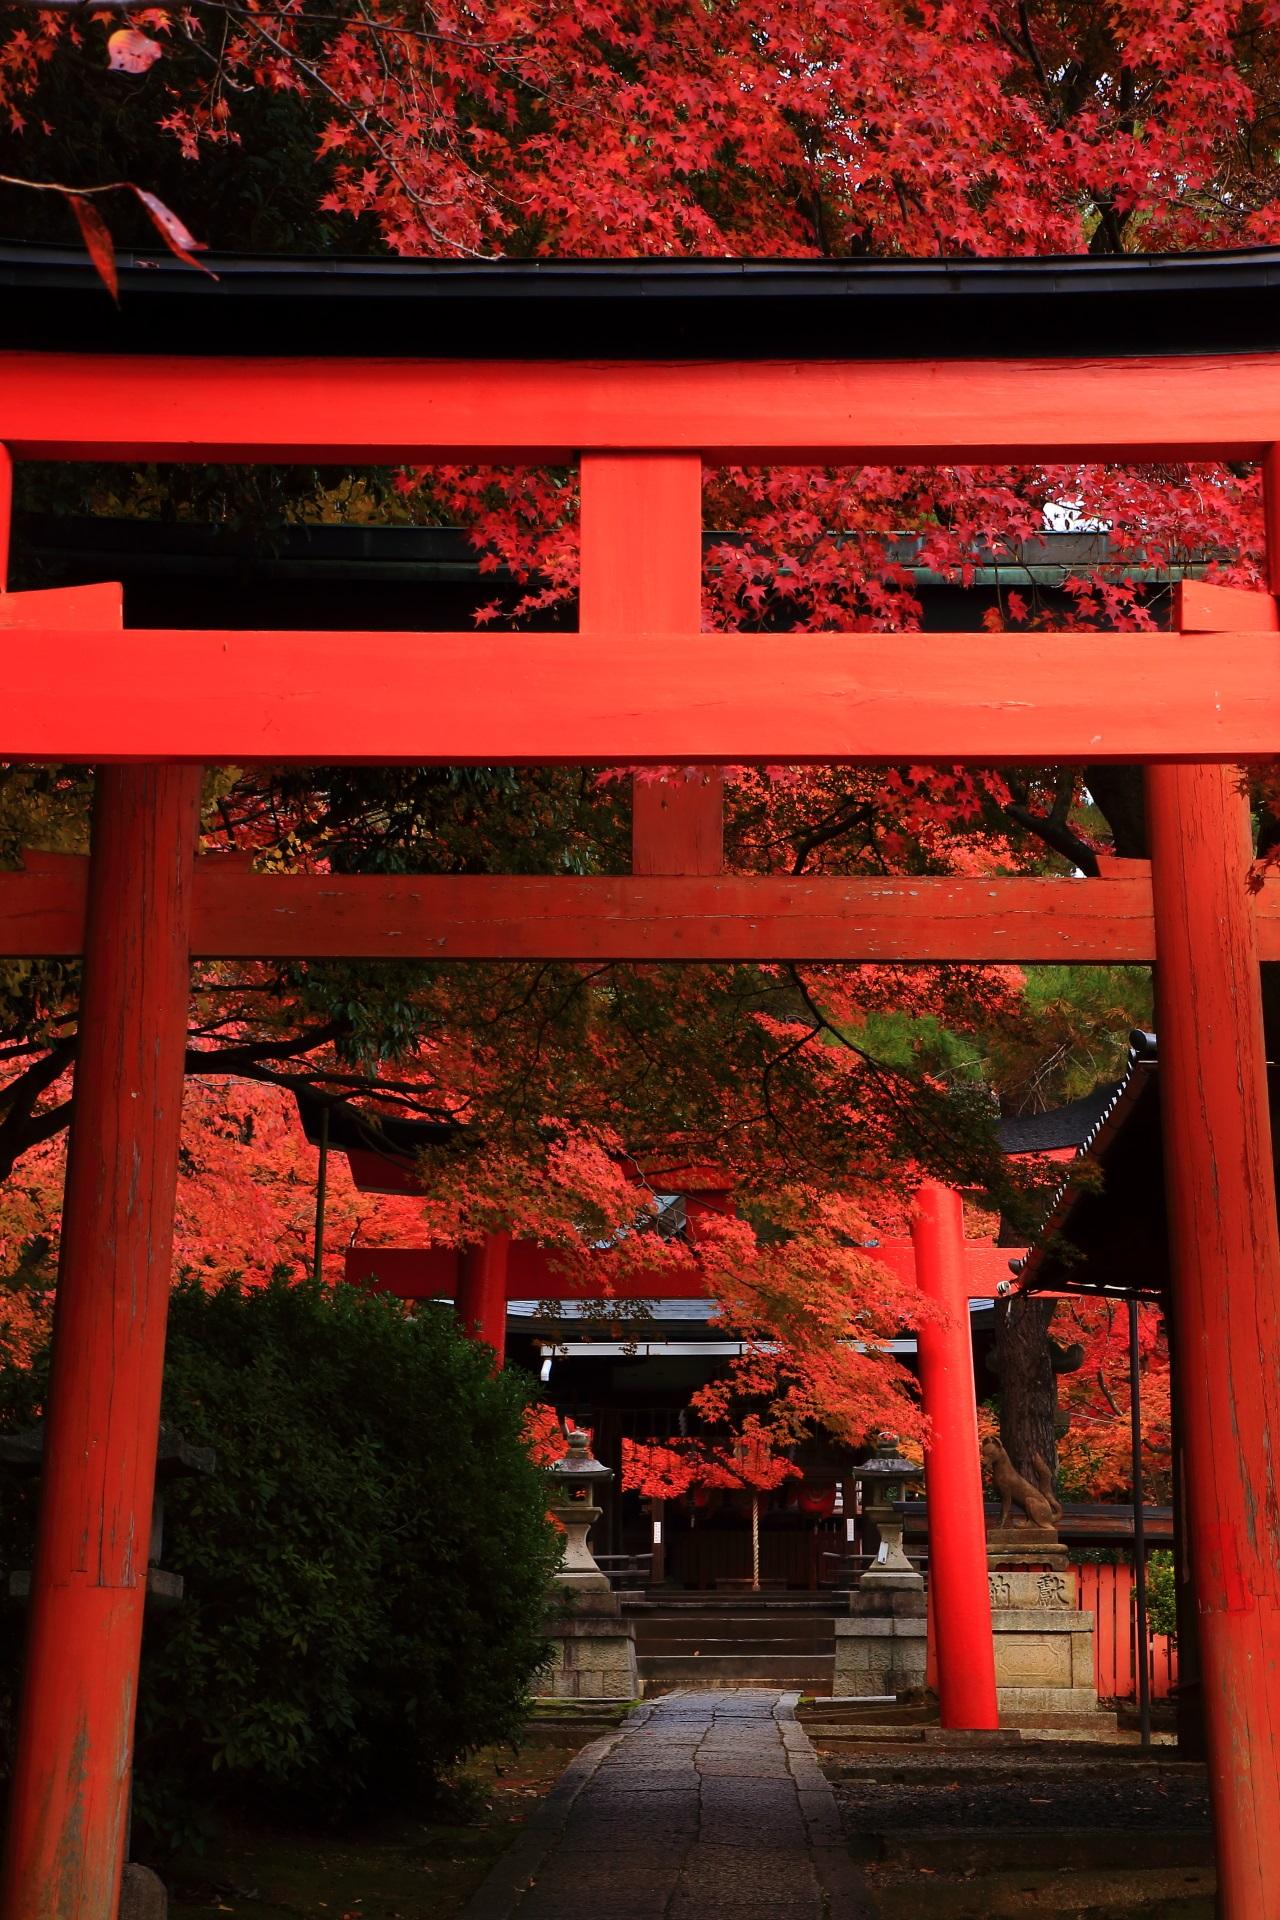 竹中稲荷神社の鳥居と紅葉の絵になる秋の風景